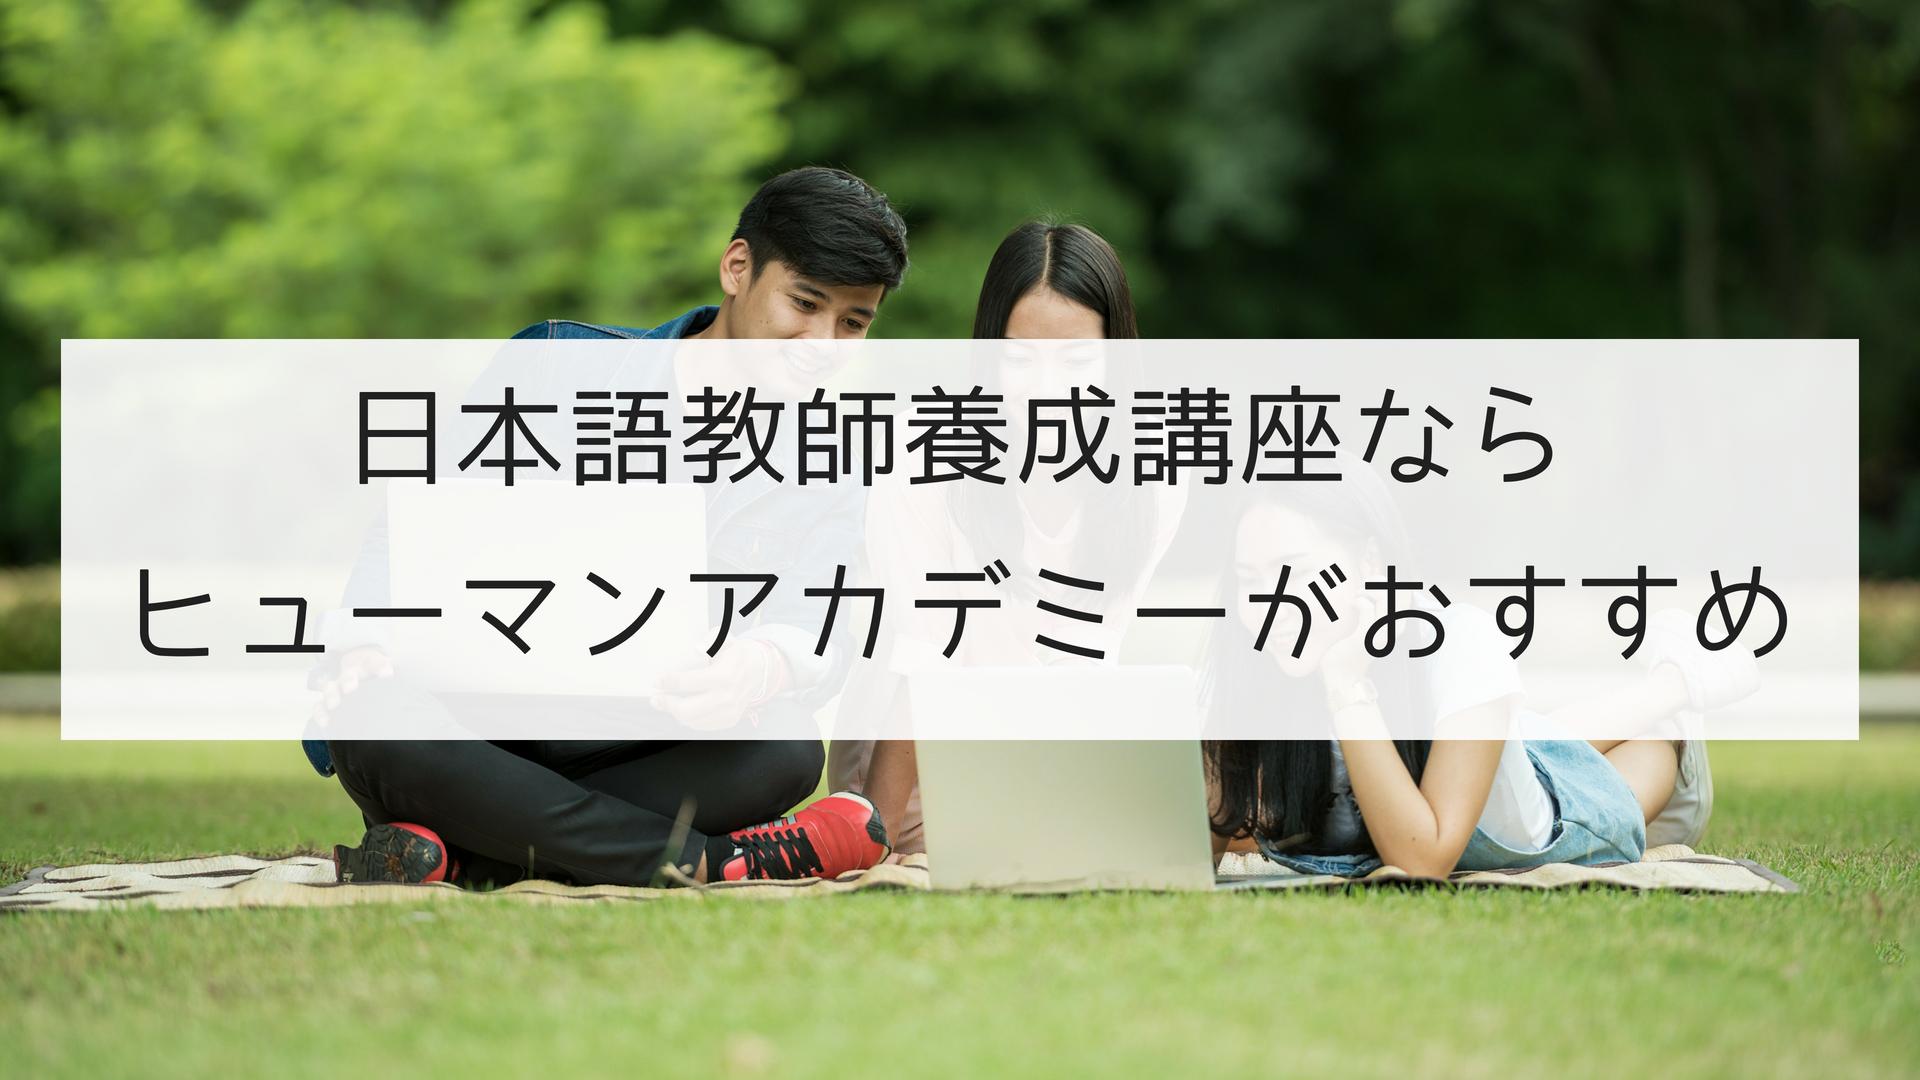 日本語教師養成講座を受けるならヒューマンアカデミーがおすすめ